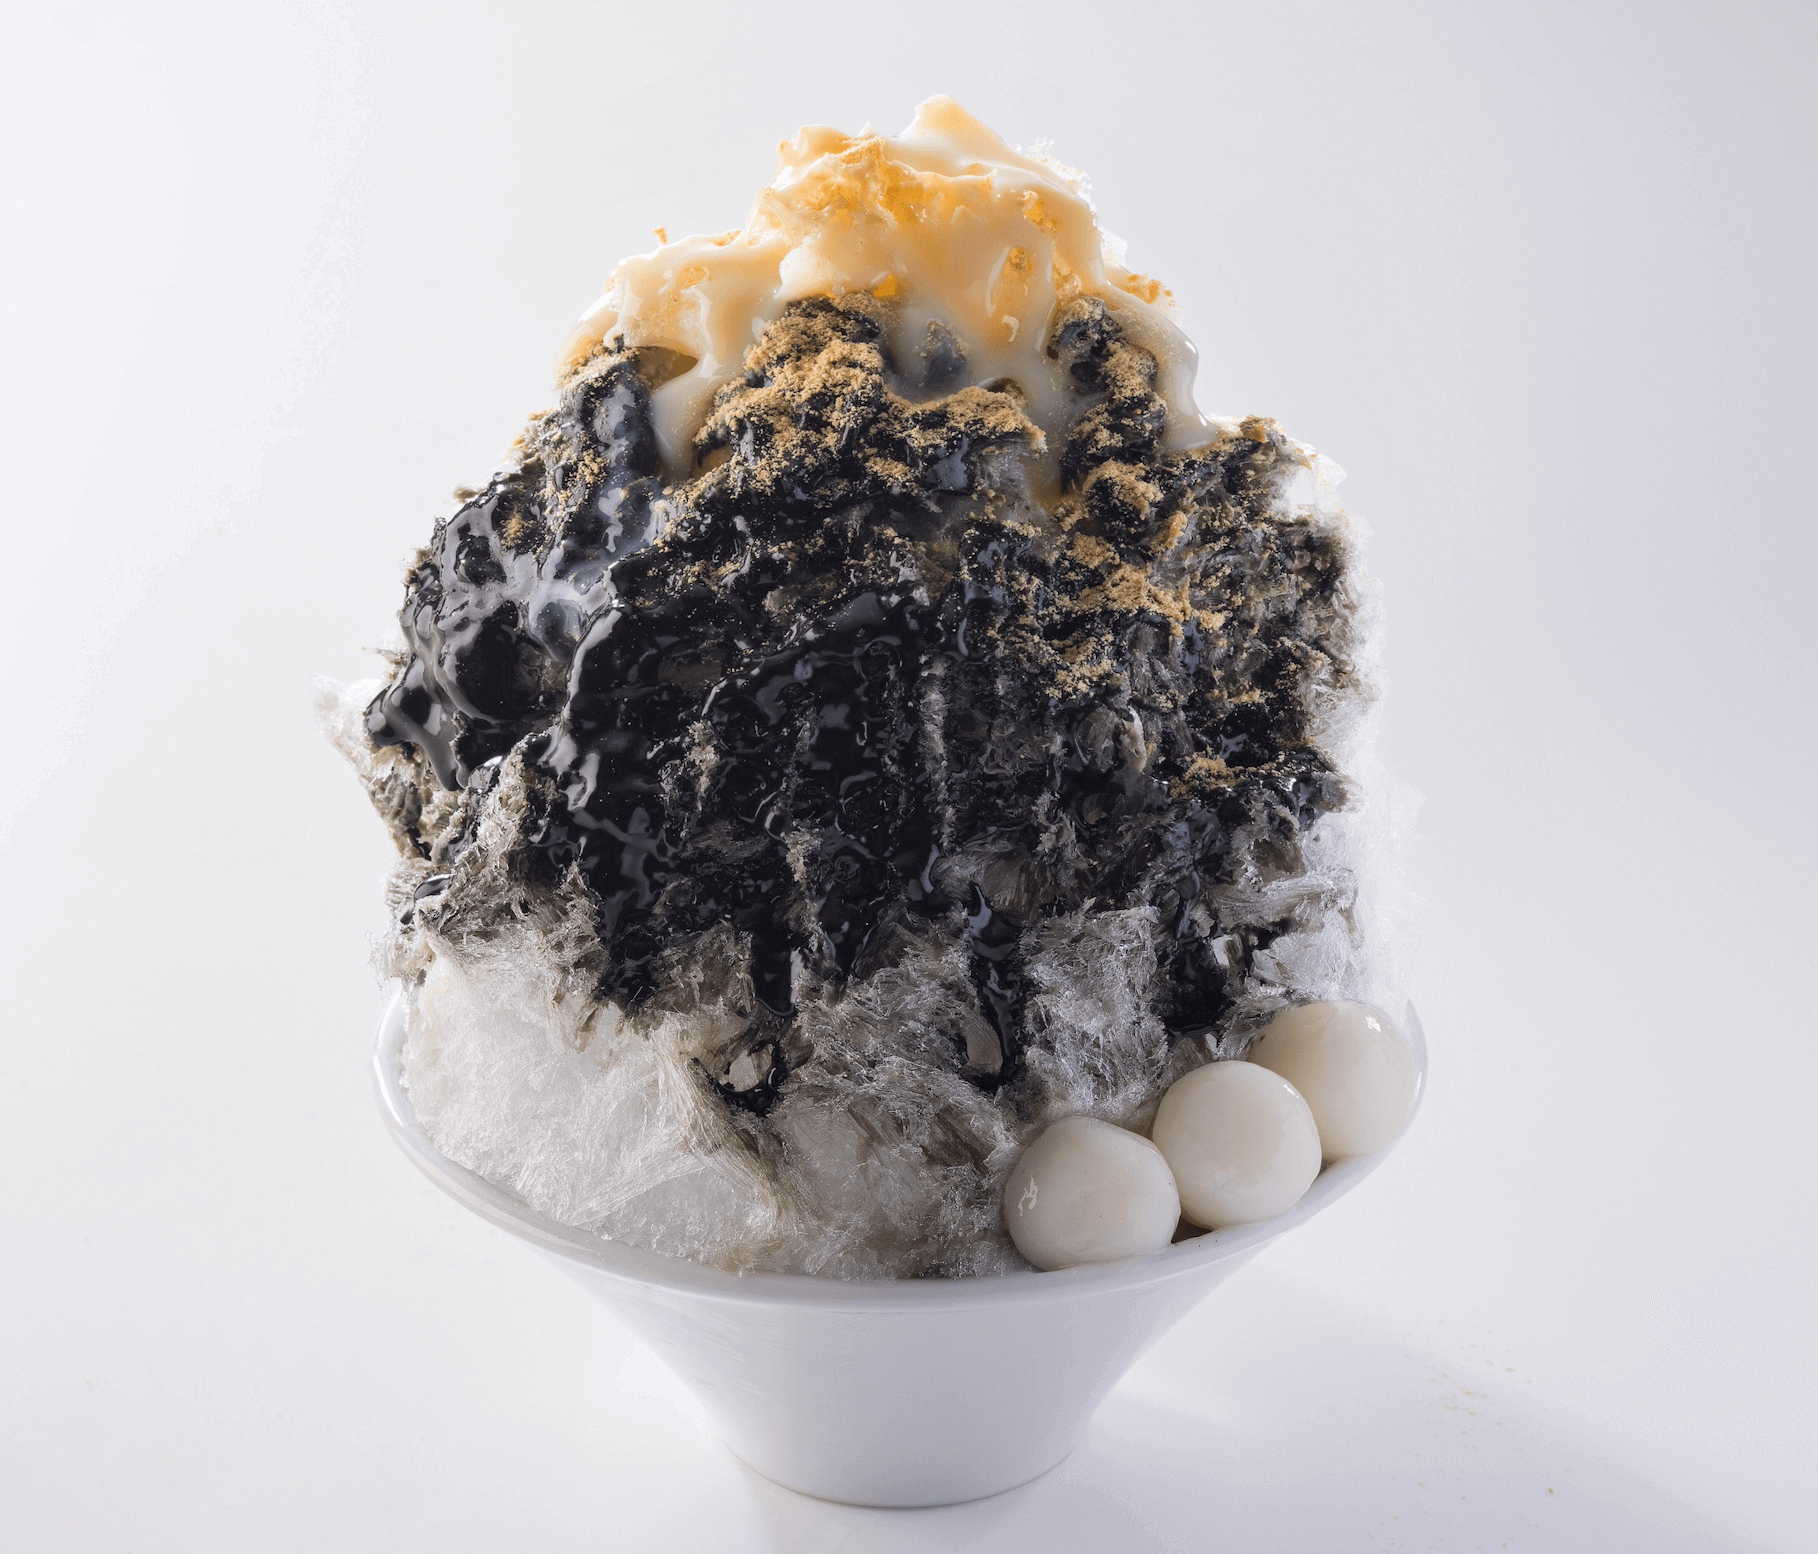 北海道生まれ和食処とんでん『綿雪』-黒ごま十勝きな粉綿雪